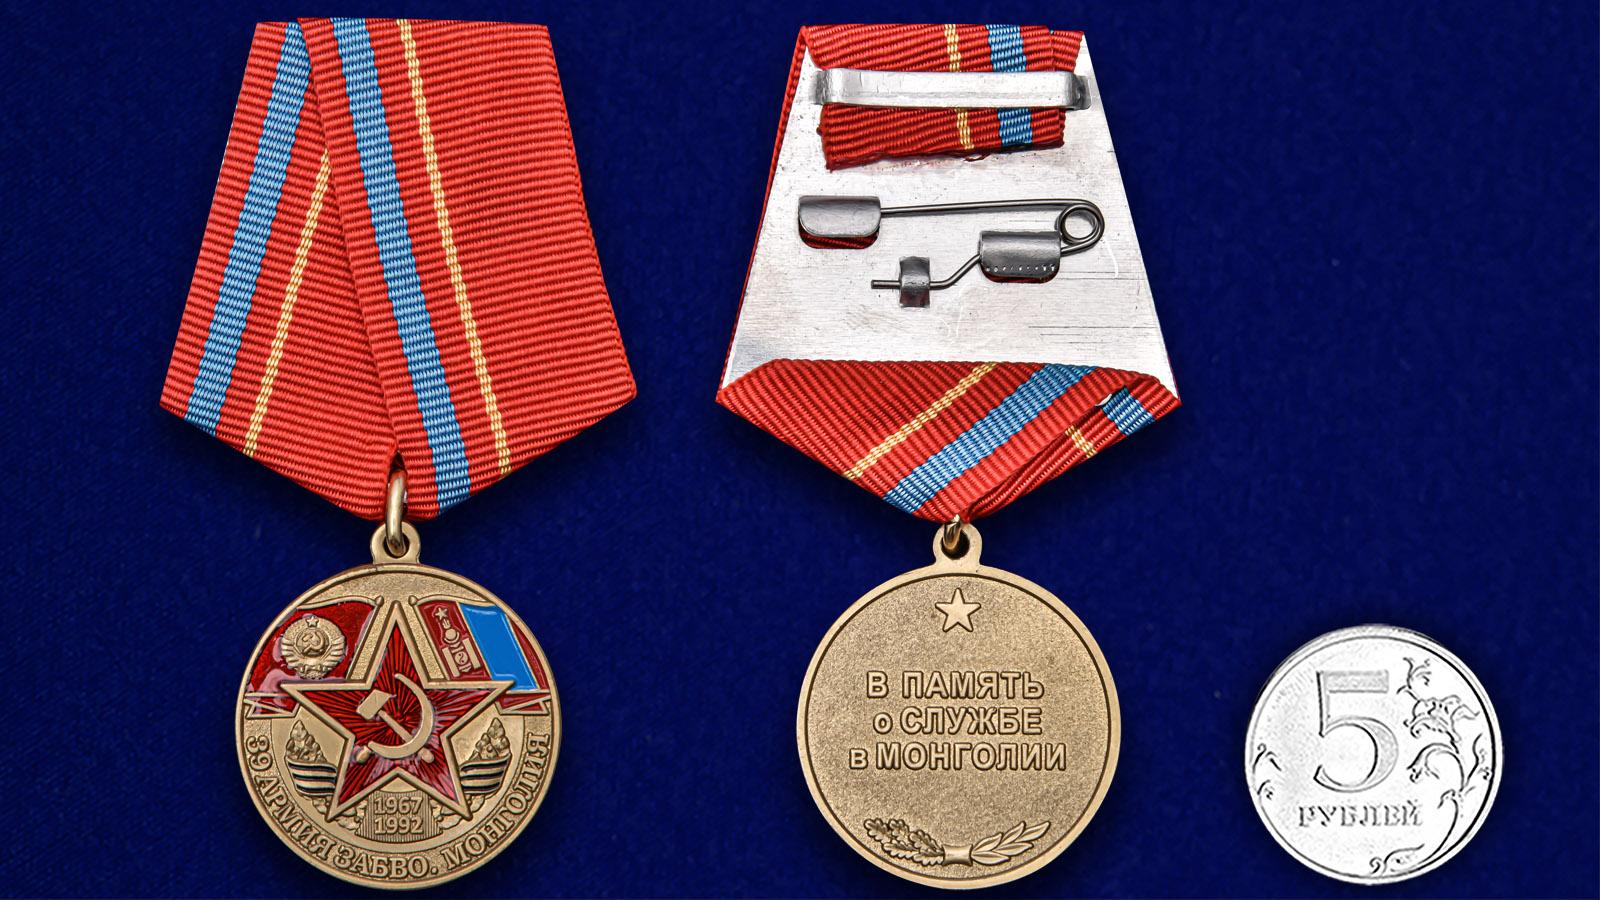 Памятная медаль 39 Армия ЗАБВО. Монголия - сравнительный вид